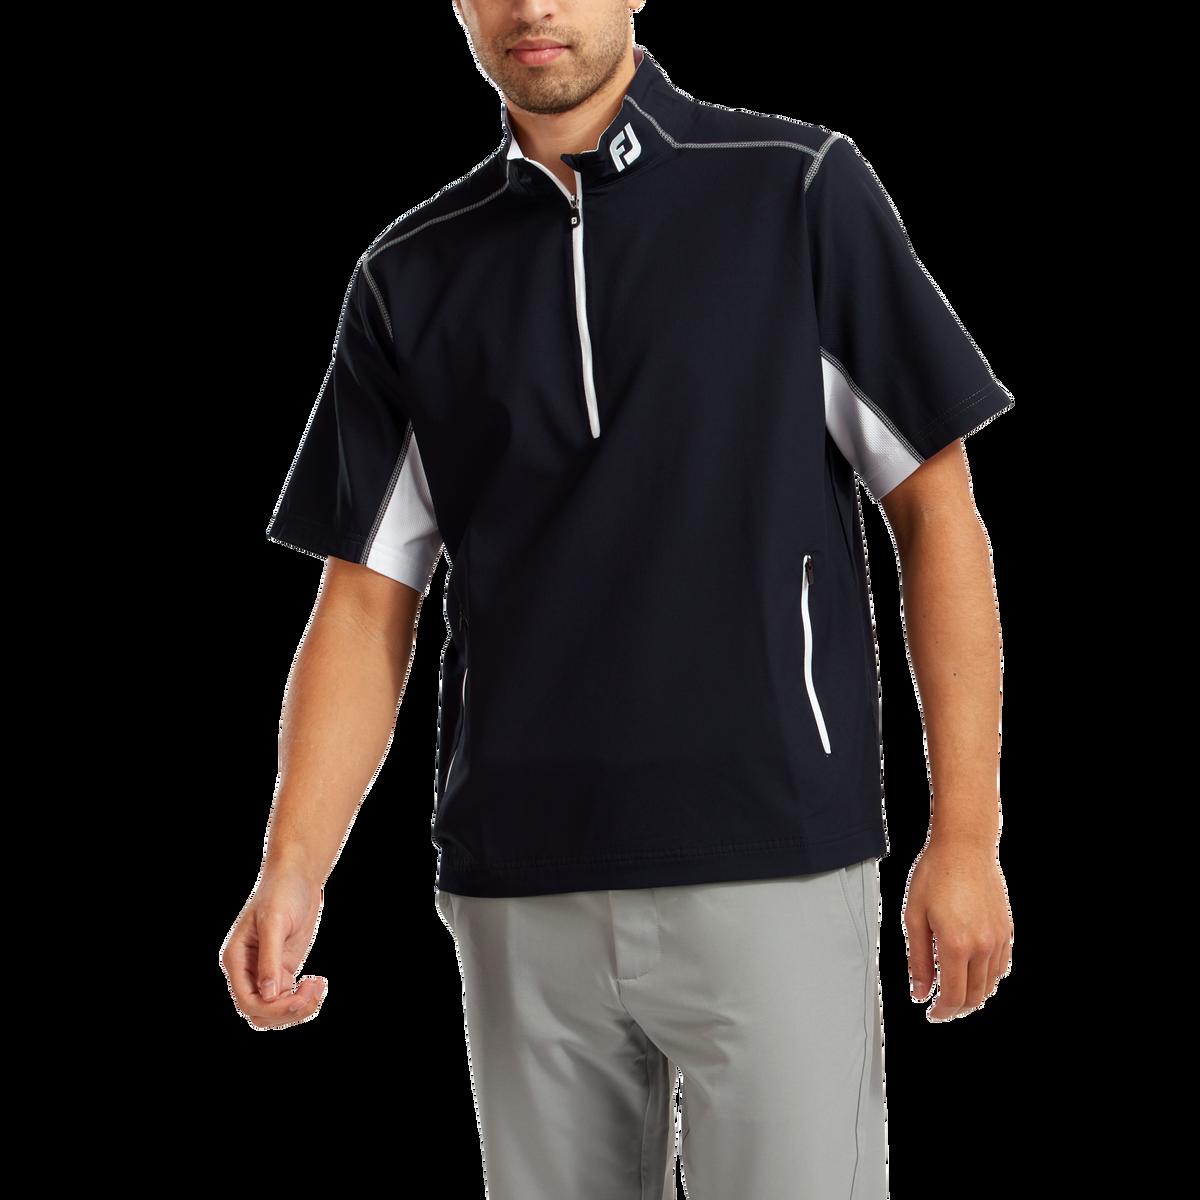 FJ Half-Zip S/S Windshirt